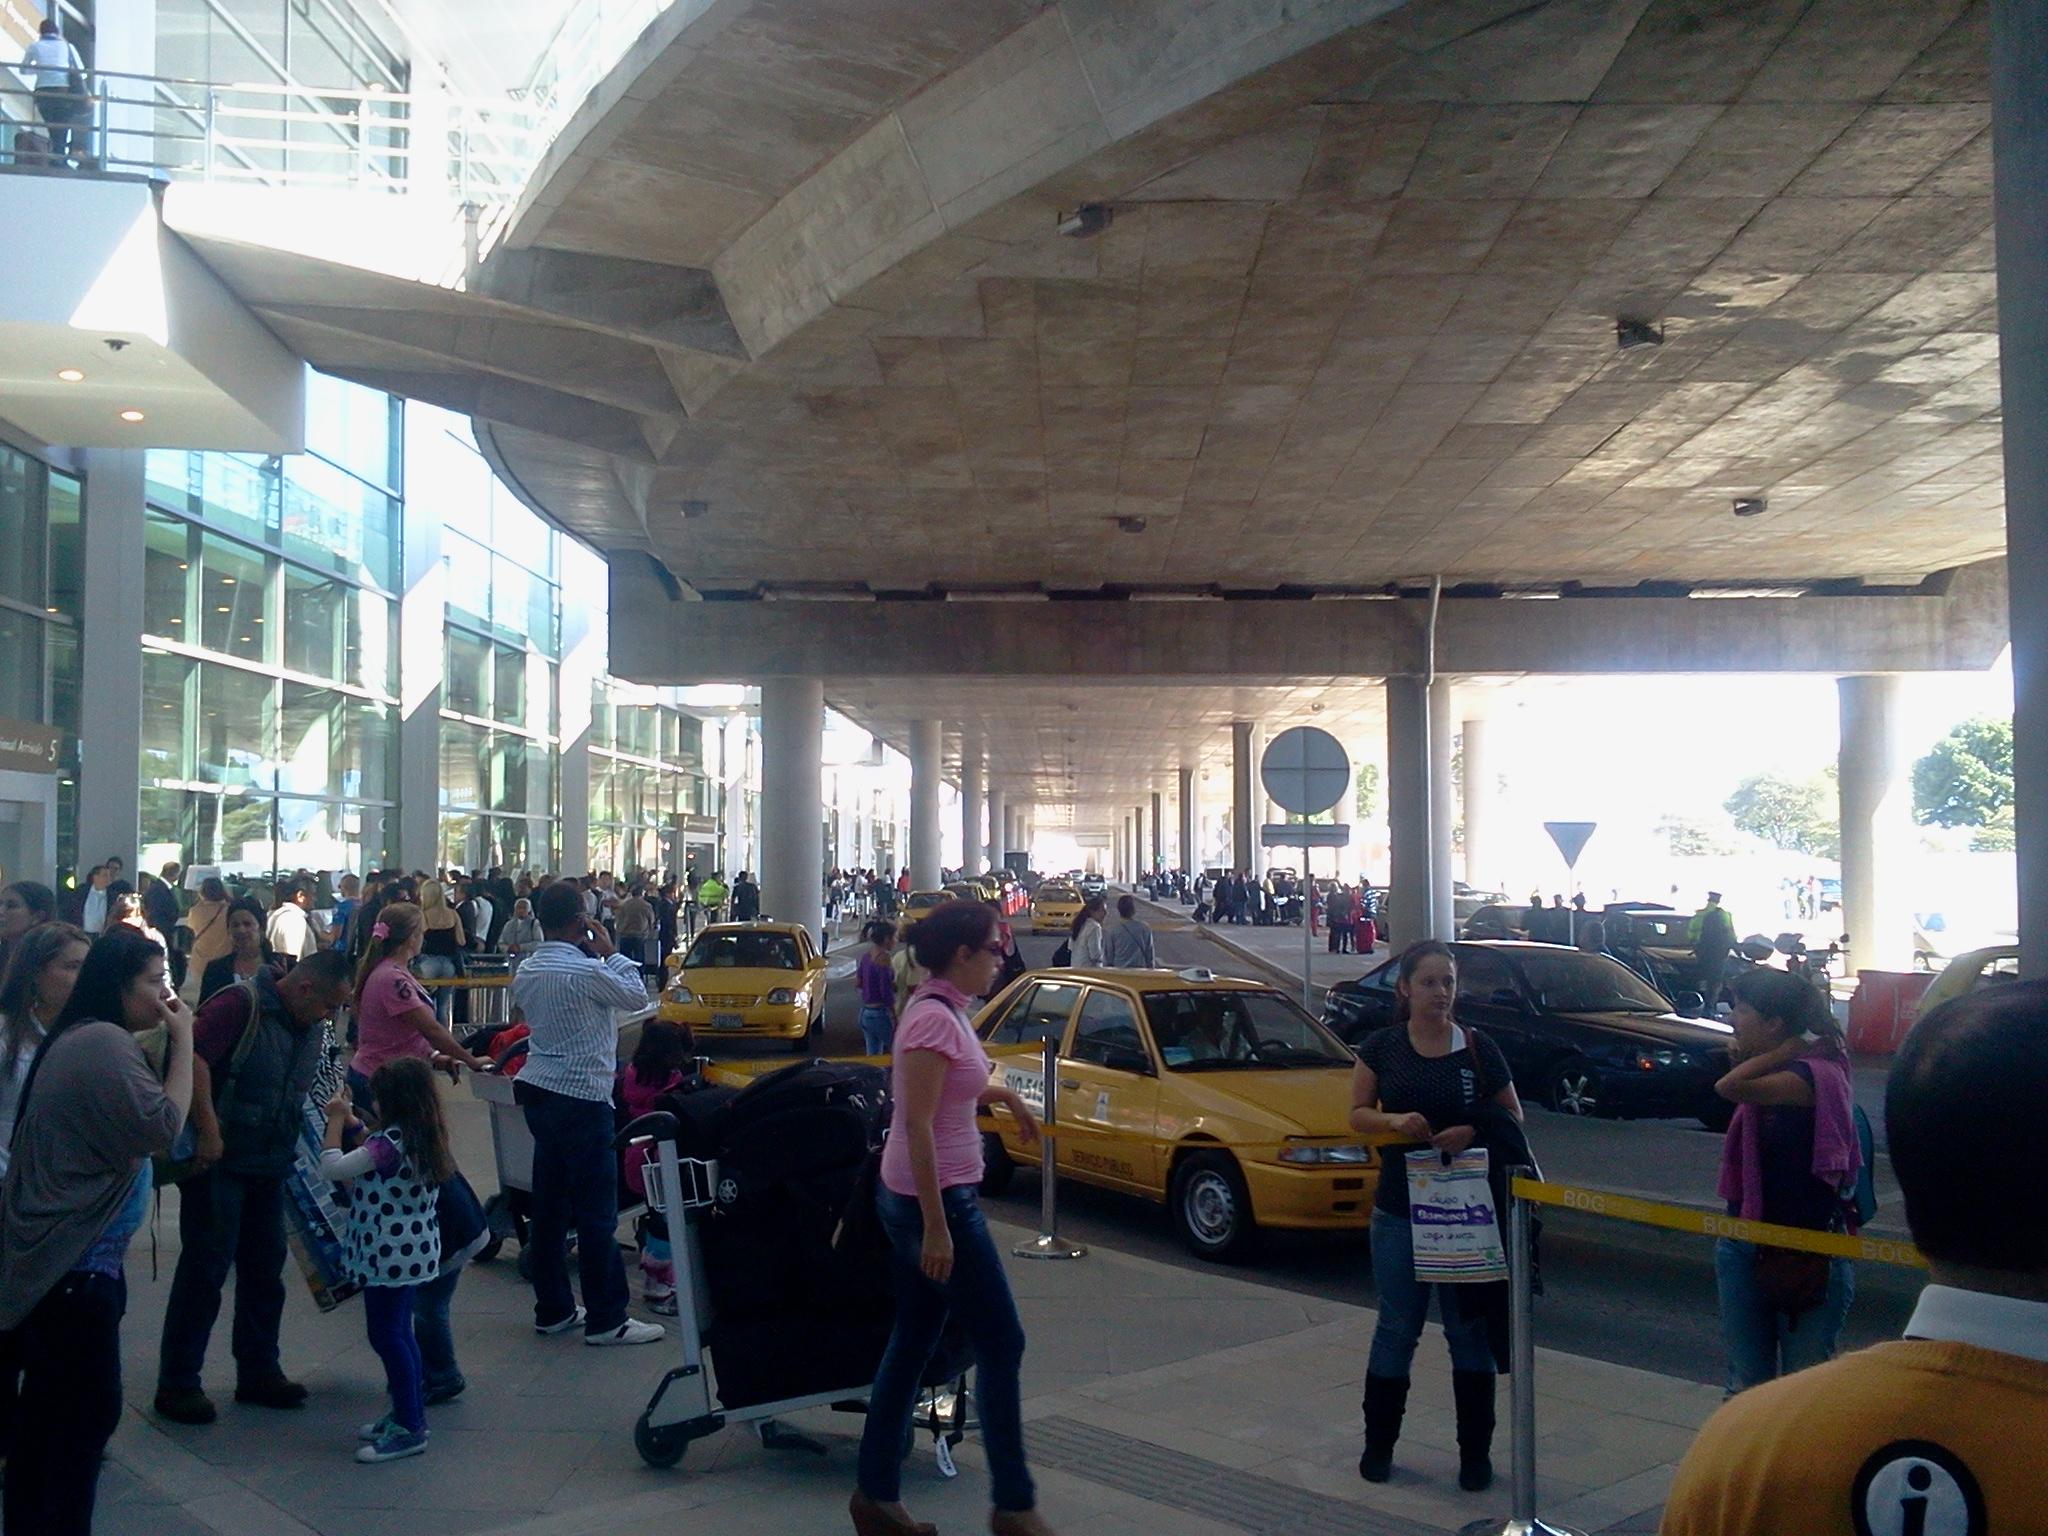 File aeropuerto el wikimedia commons for Puerta 6 aeropuerto el dorado